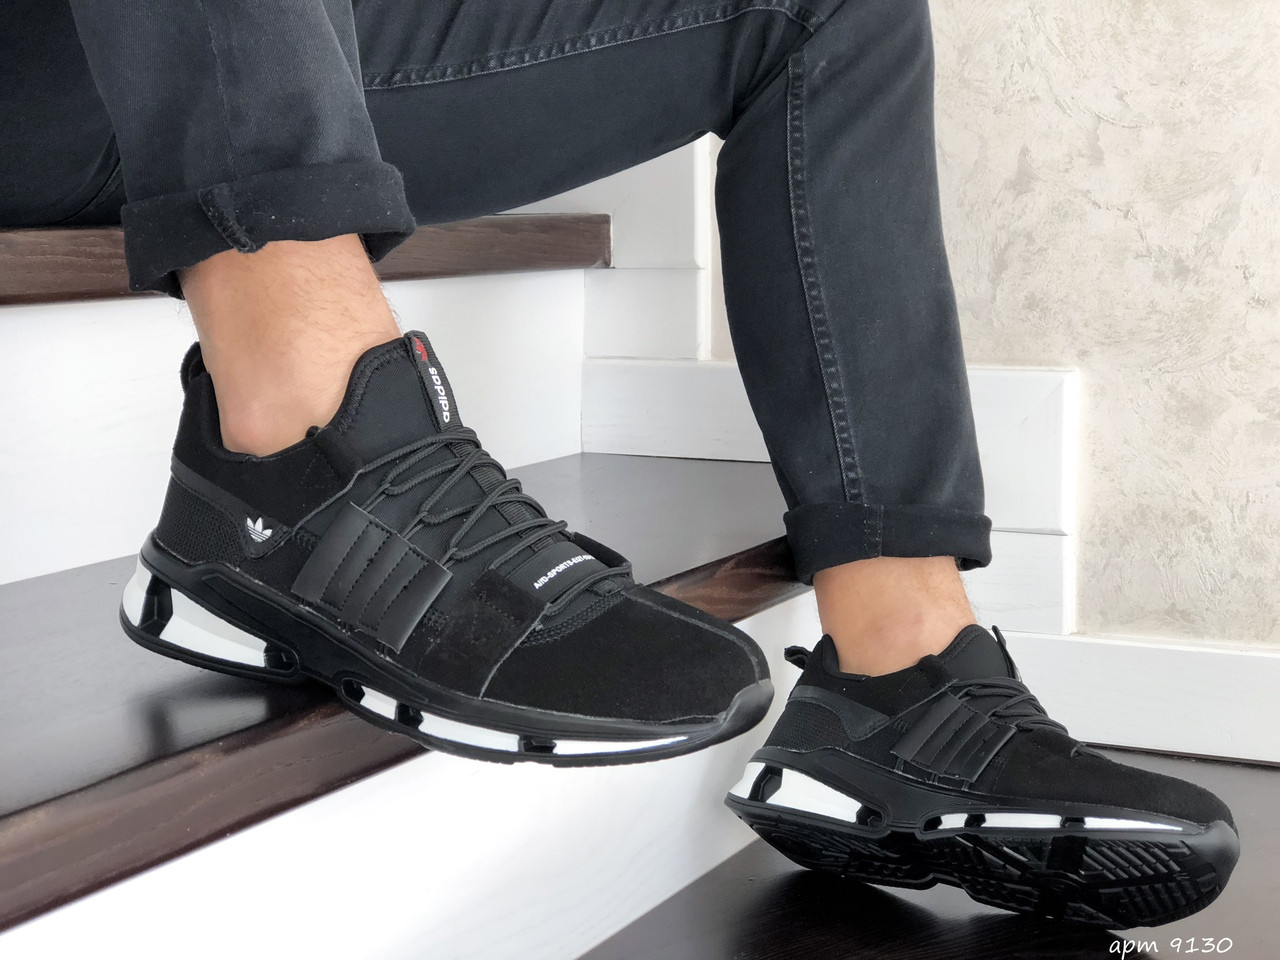 Чоловічі замшеві кросівки Adidas (чорно-білі) 9130